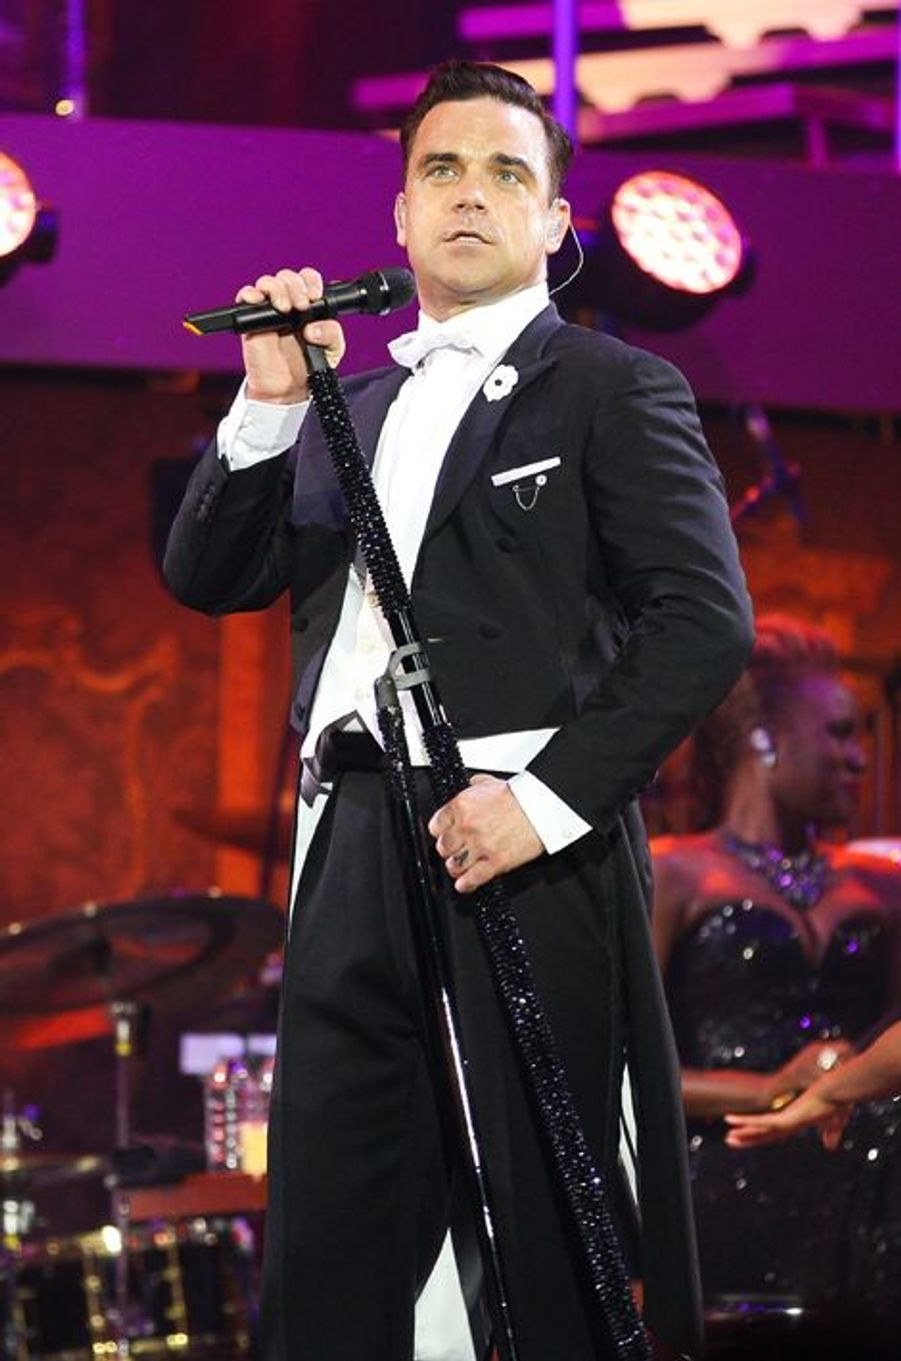 Avant les One Direction, il y avait les Take That. Et s'il y en a bien un qui pourrait enrichir le jeune groupe de son expérience au sein d'un boys band anglais, c'est Robbie Williams. Au vu de l'énergie qu'a déployé le chanteur de 41 ans lors de ses dernières prestations sur scène, il se pourrait bien que ce soit lui qui fatigue ses petits camarades britanniques.